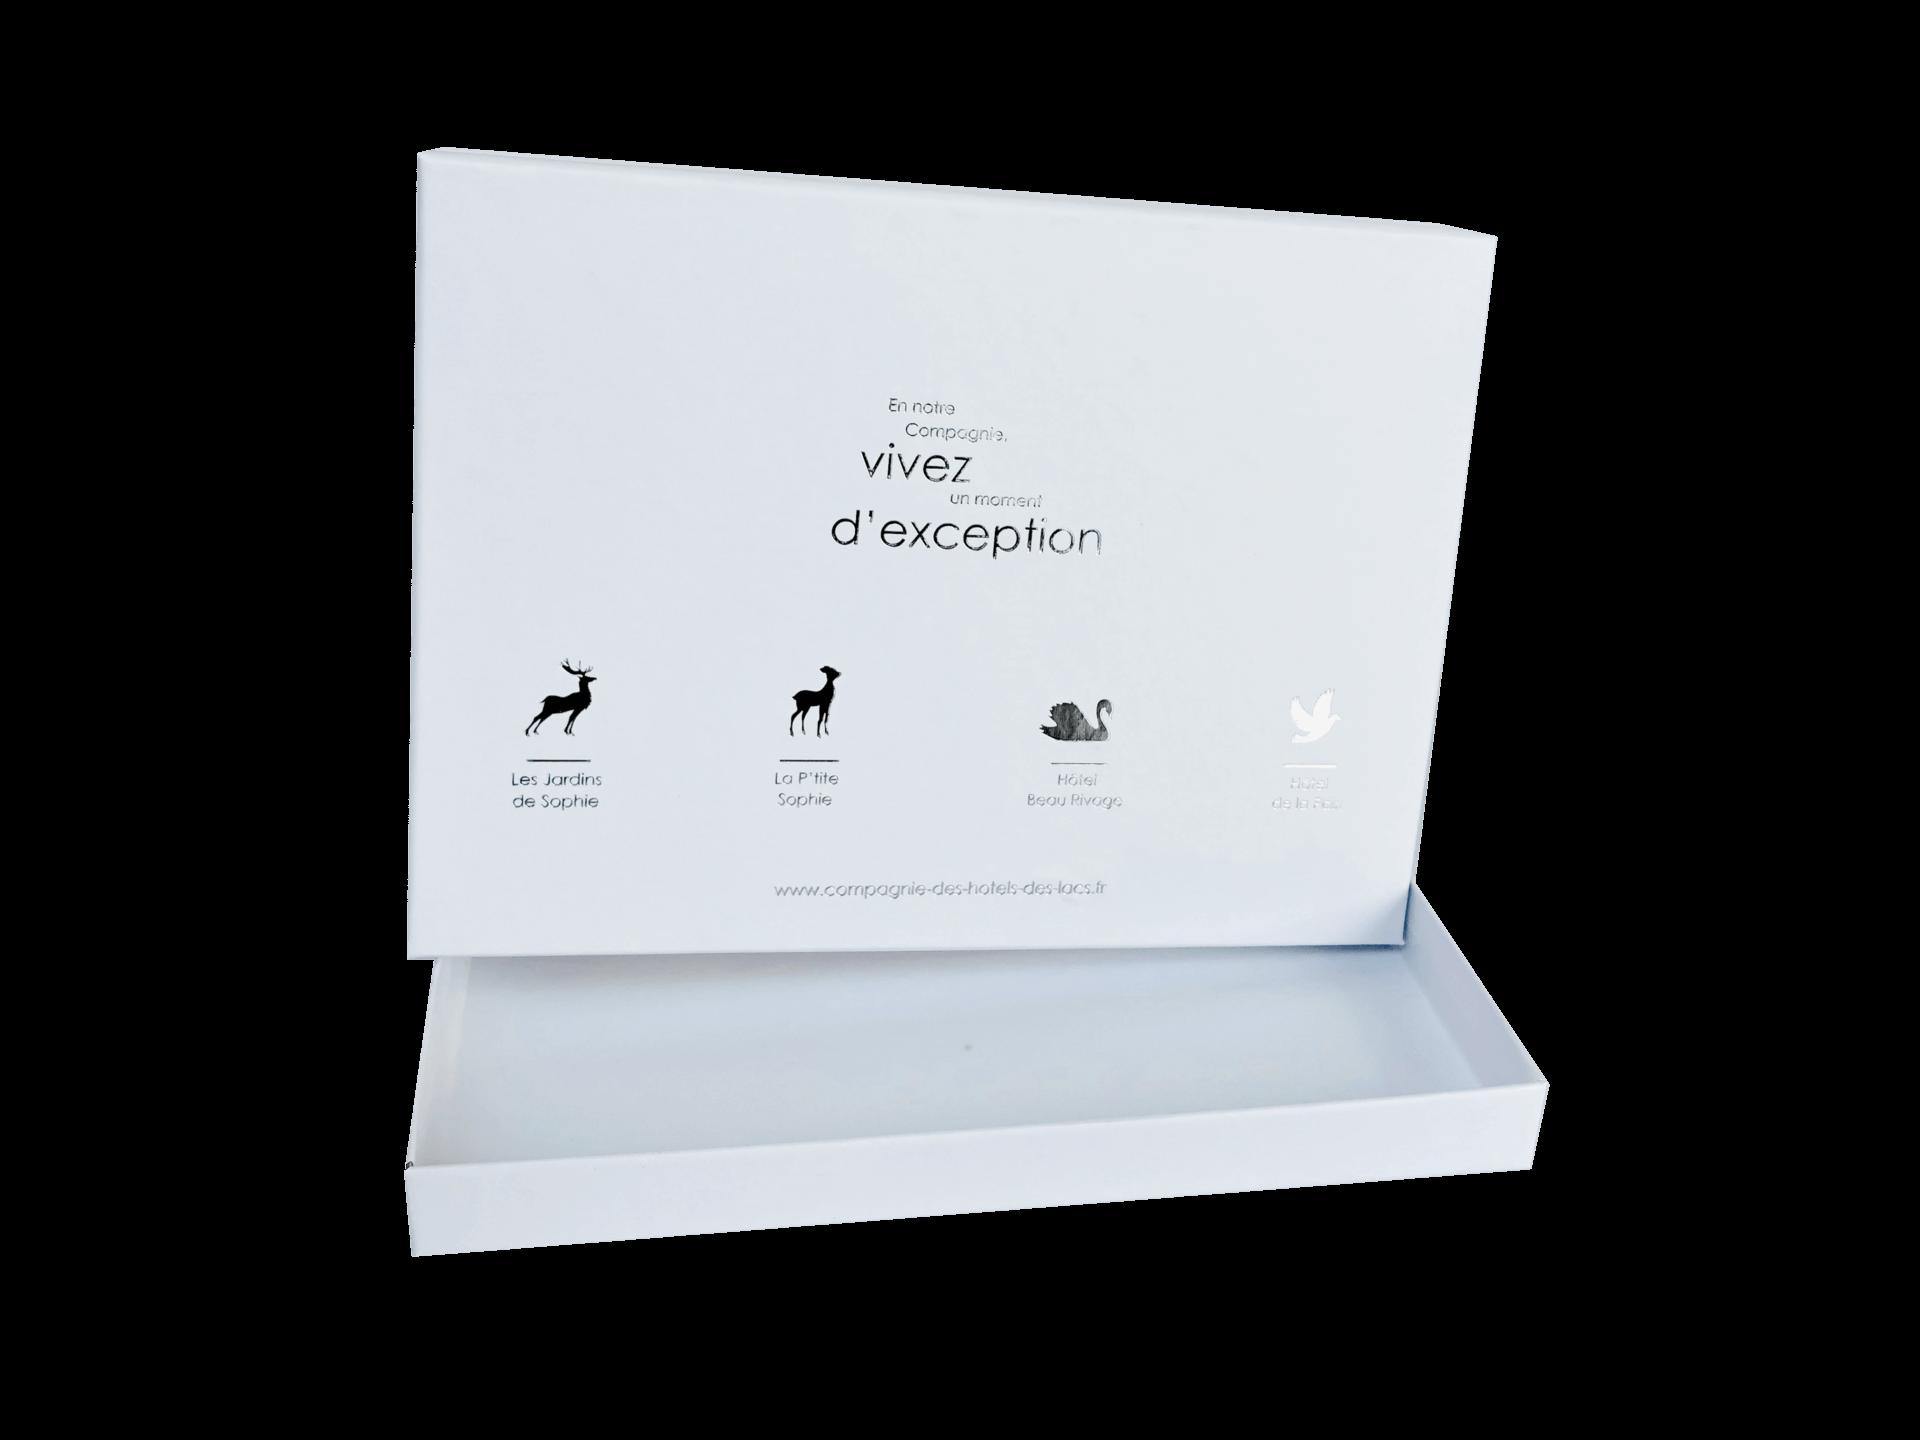 Cutie rigidă cu fund și capac, cu folio silver aplicat și plastifiere mată